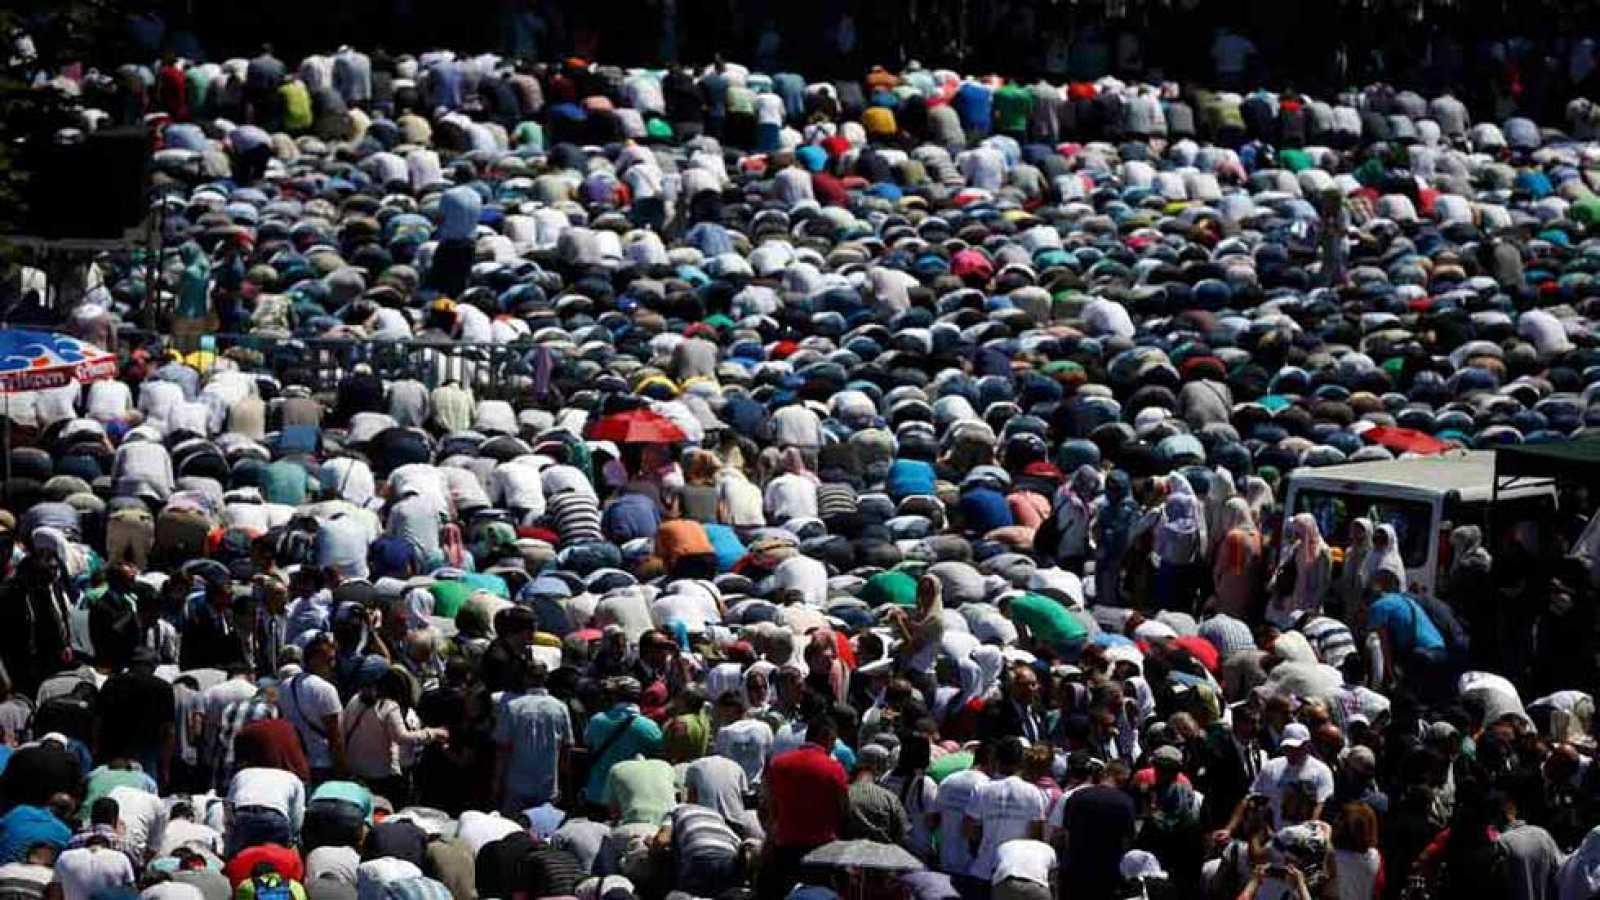 Conmemoración del vigésimo aniversario de la matanza de Srebrenica